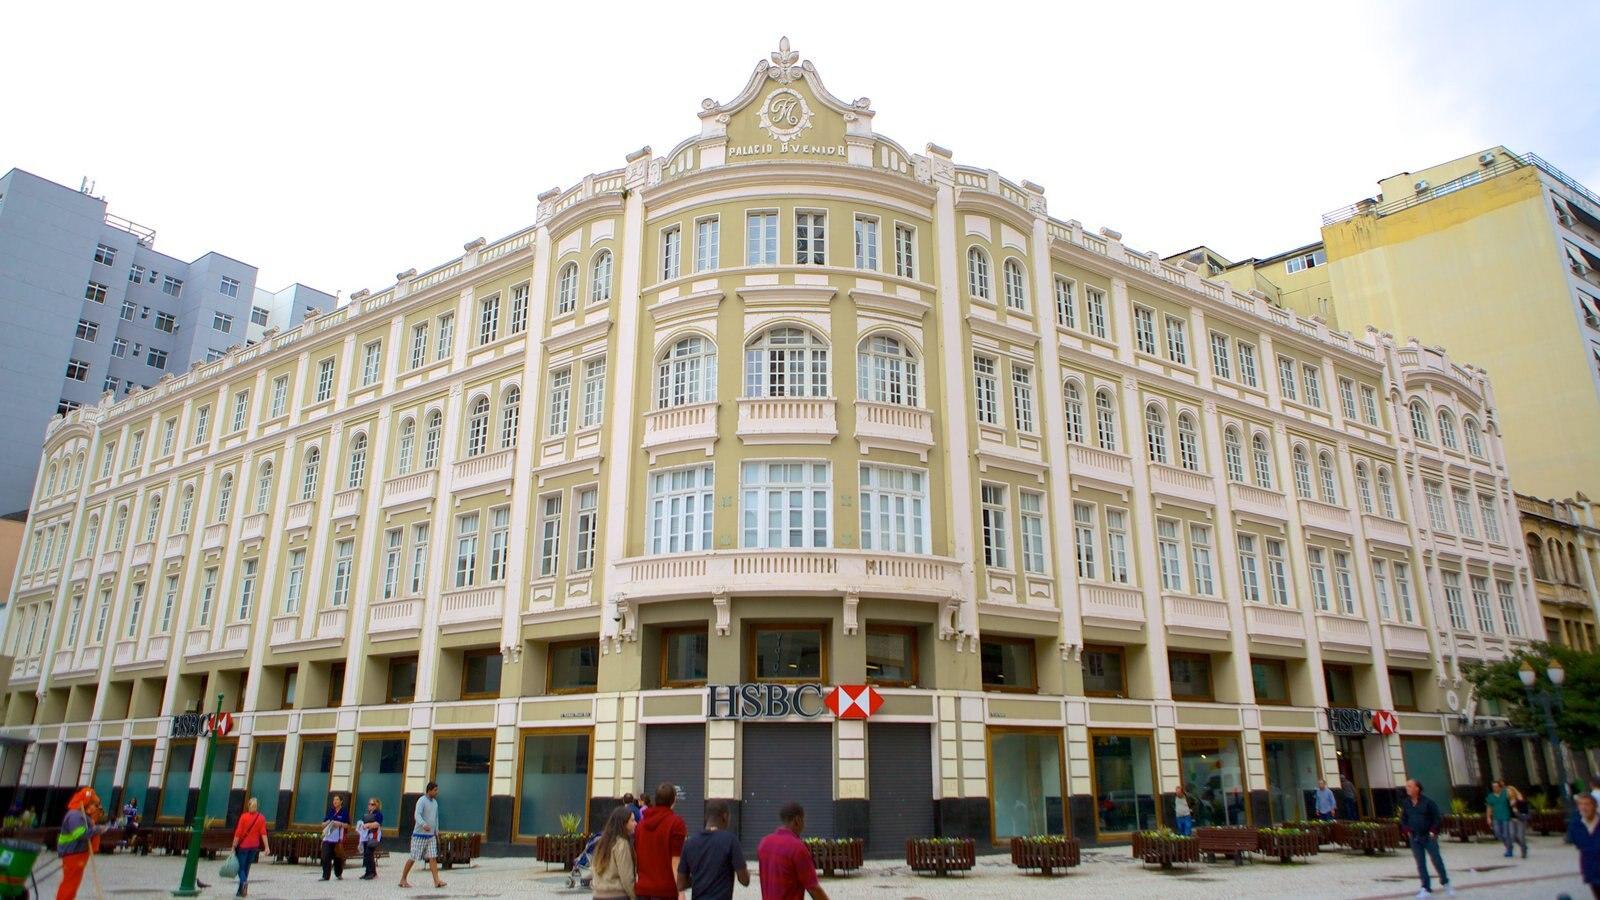 Curitiba que inclui arquitetura de patrimônio e cenas de rua